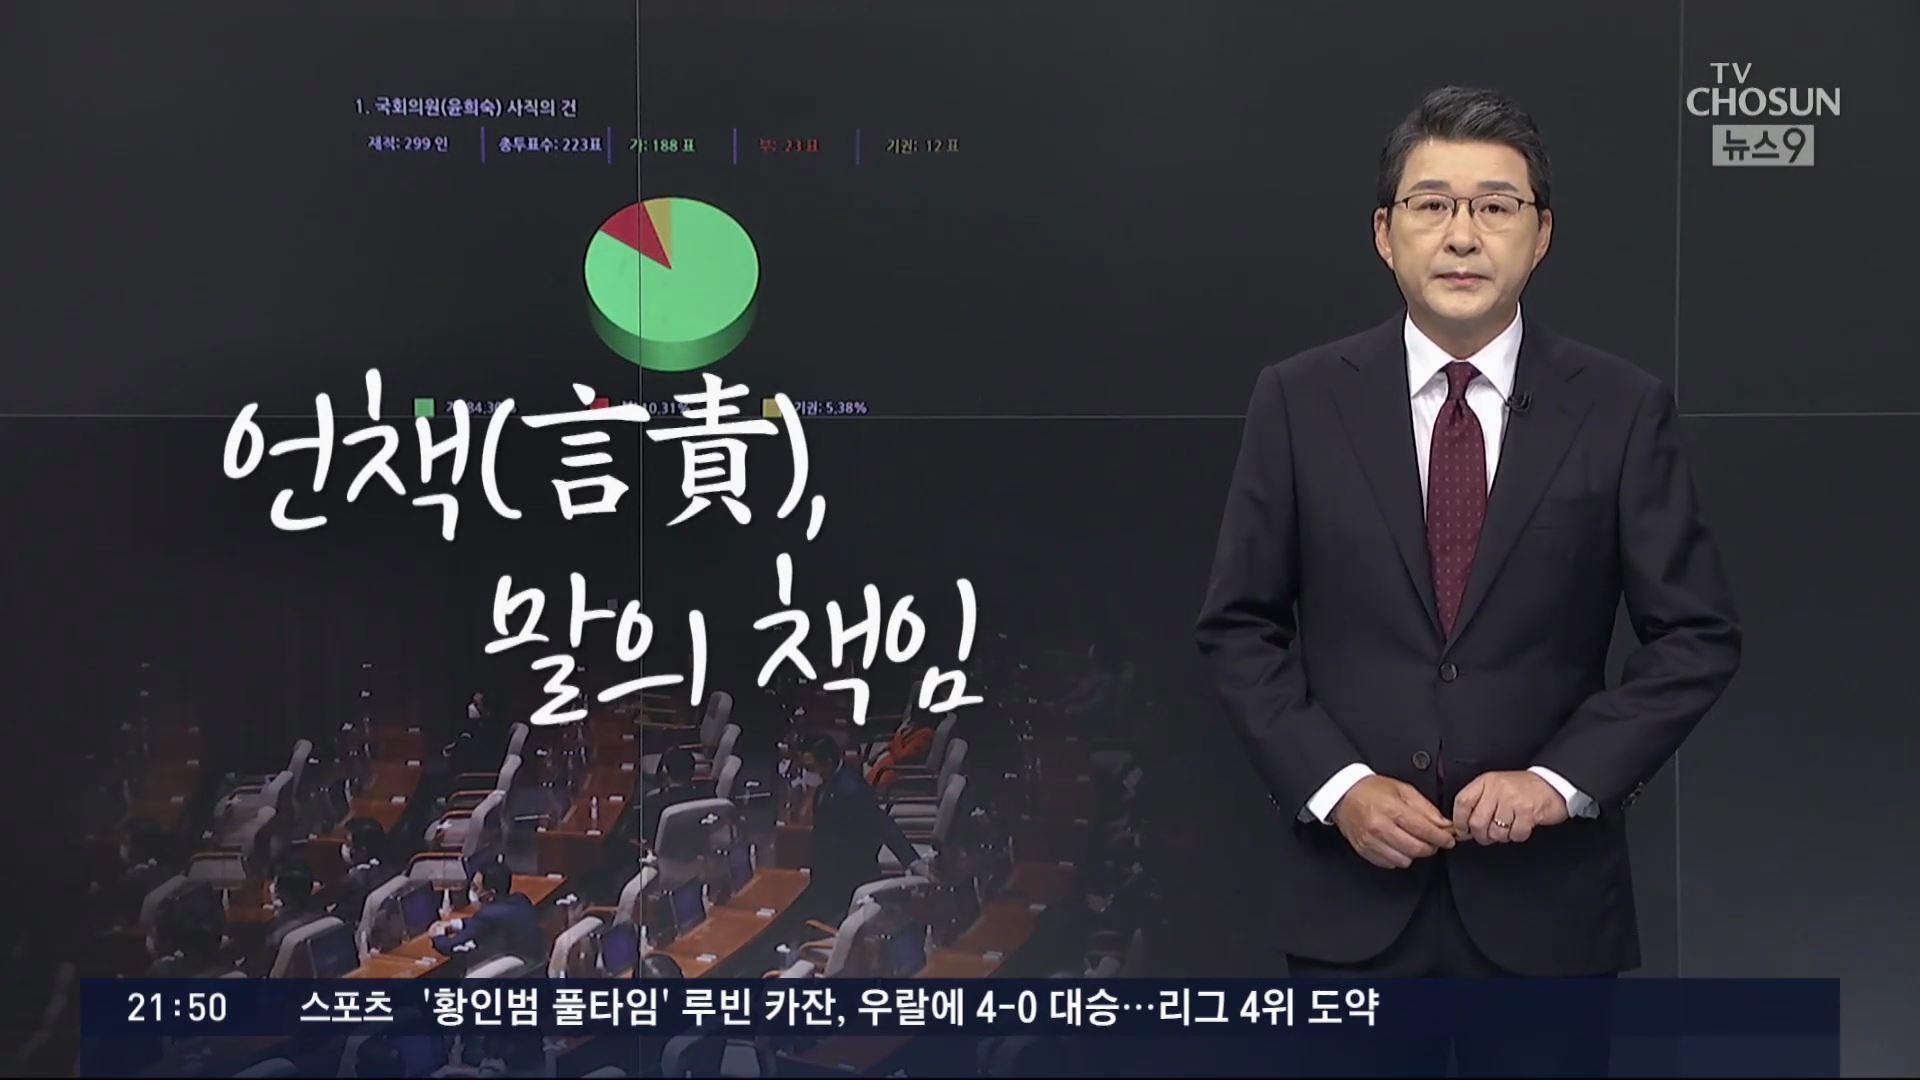 [신동욱 앵커의 시선] 언책(言責), 말의 책임